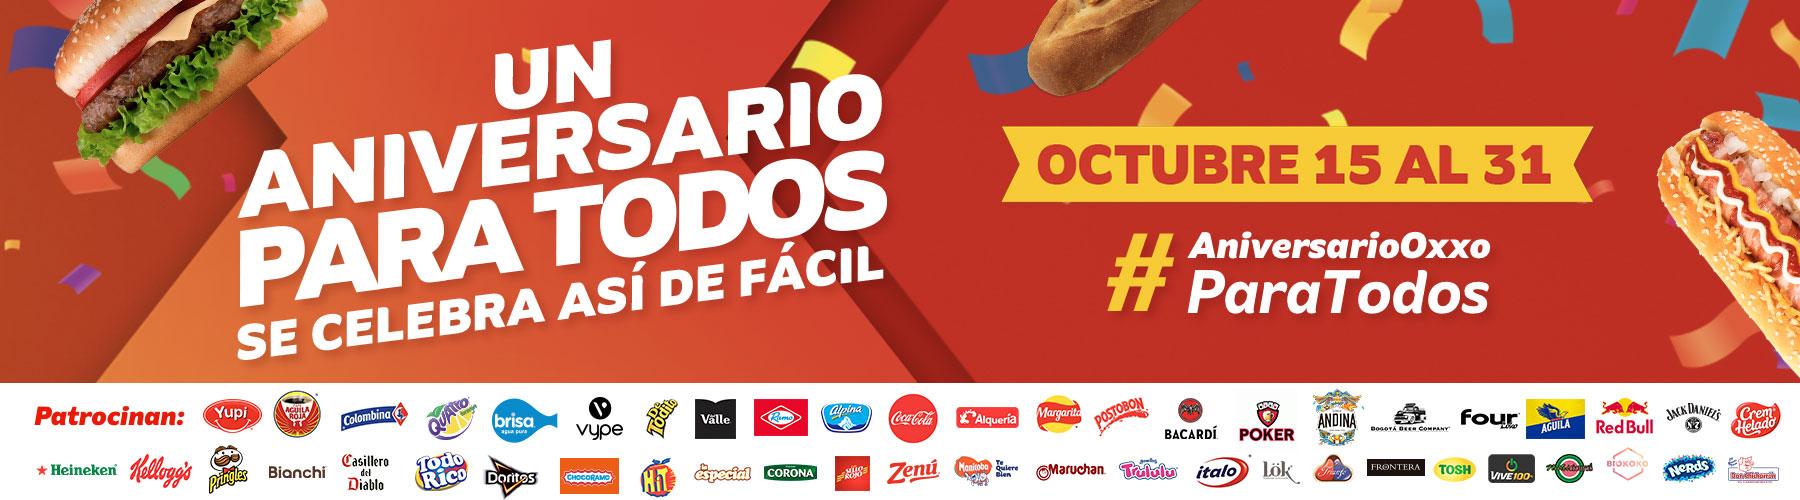 OXXO-Colombia-Aniversario-Octubre-2020